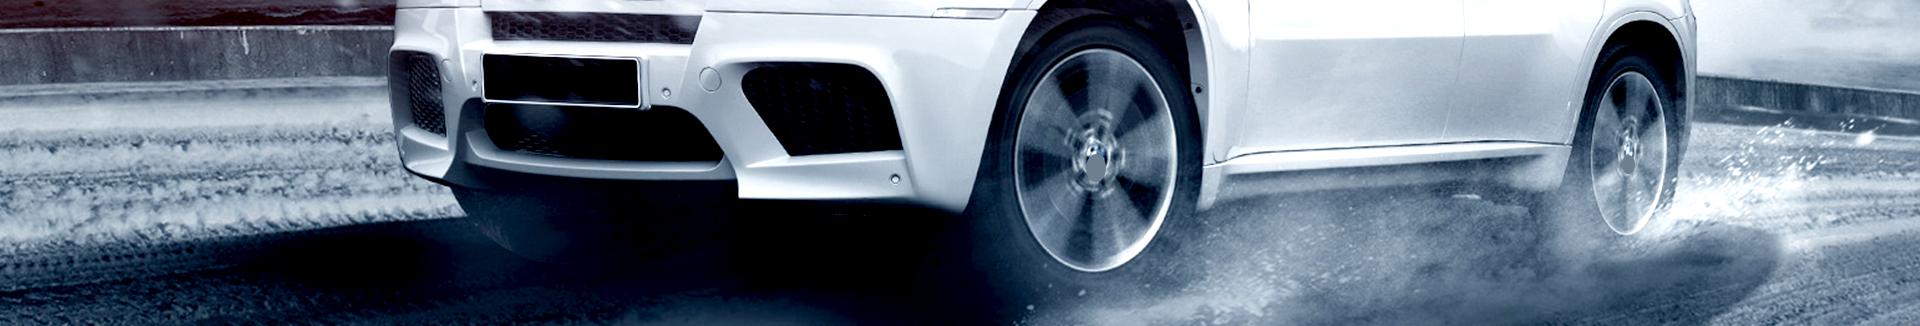 远路轿车轮胎